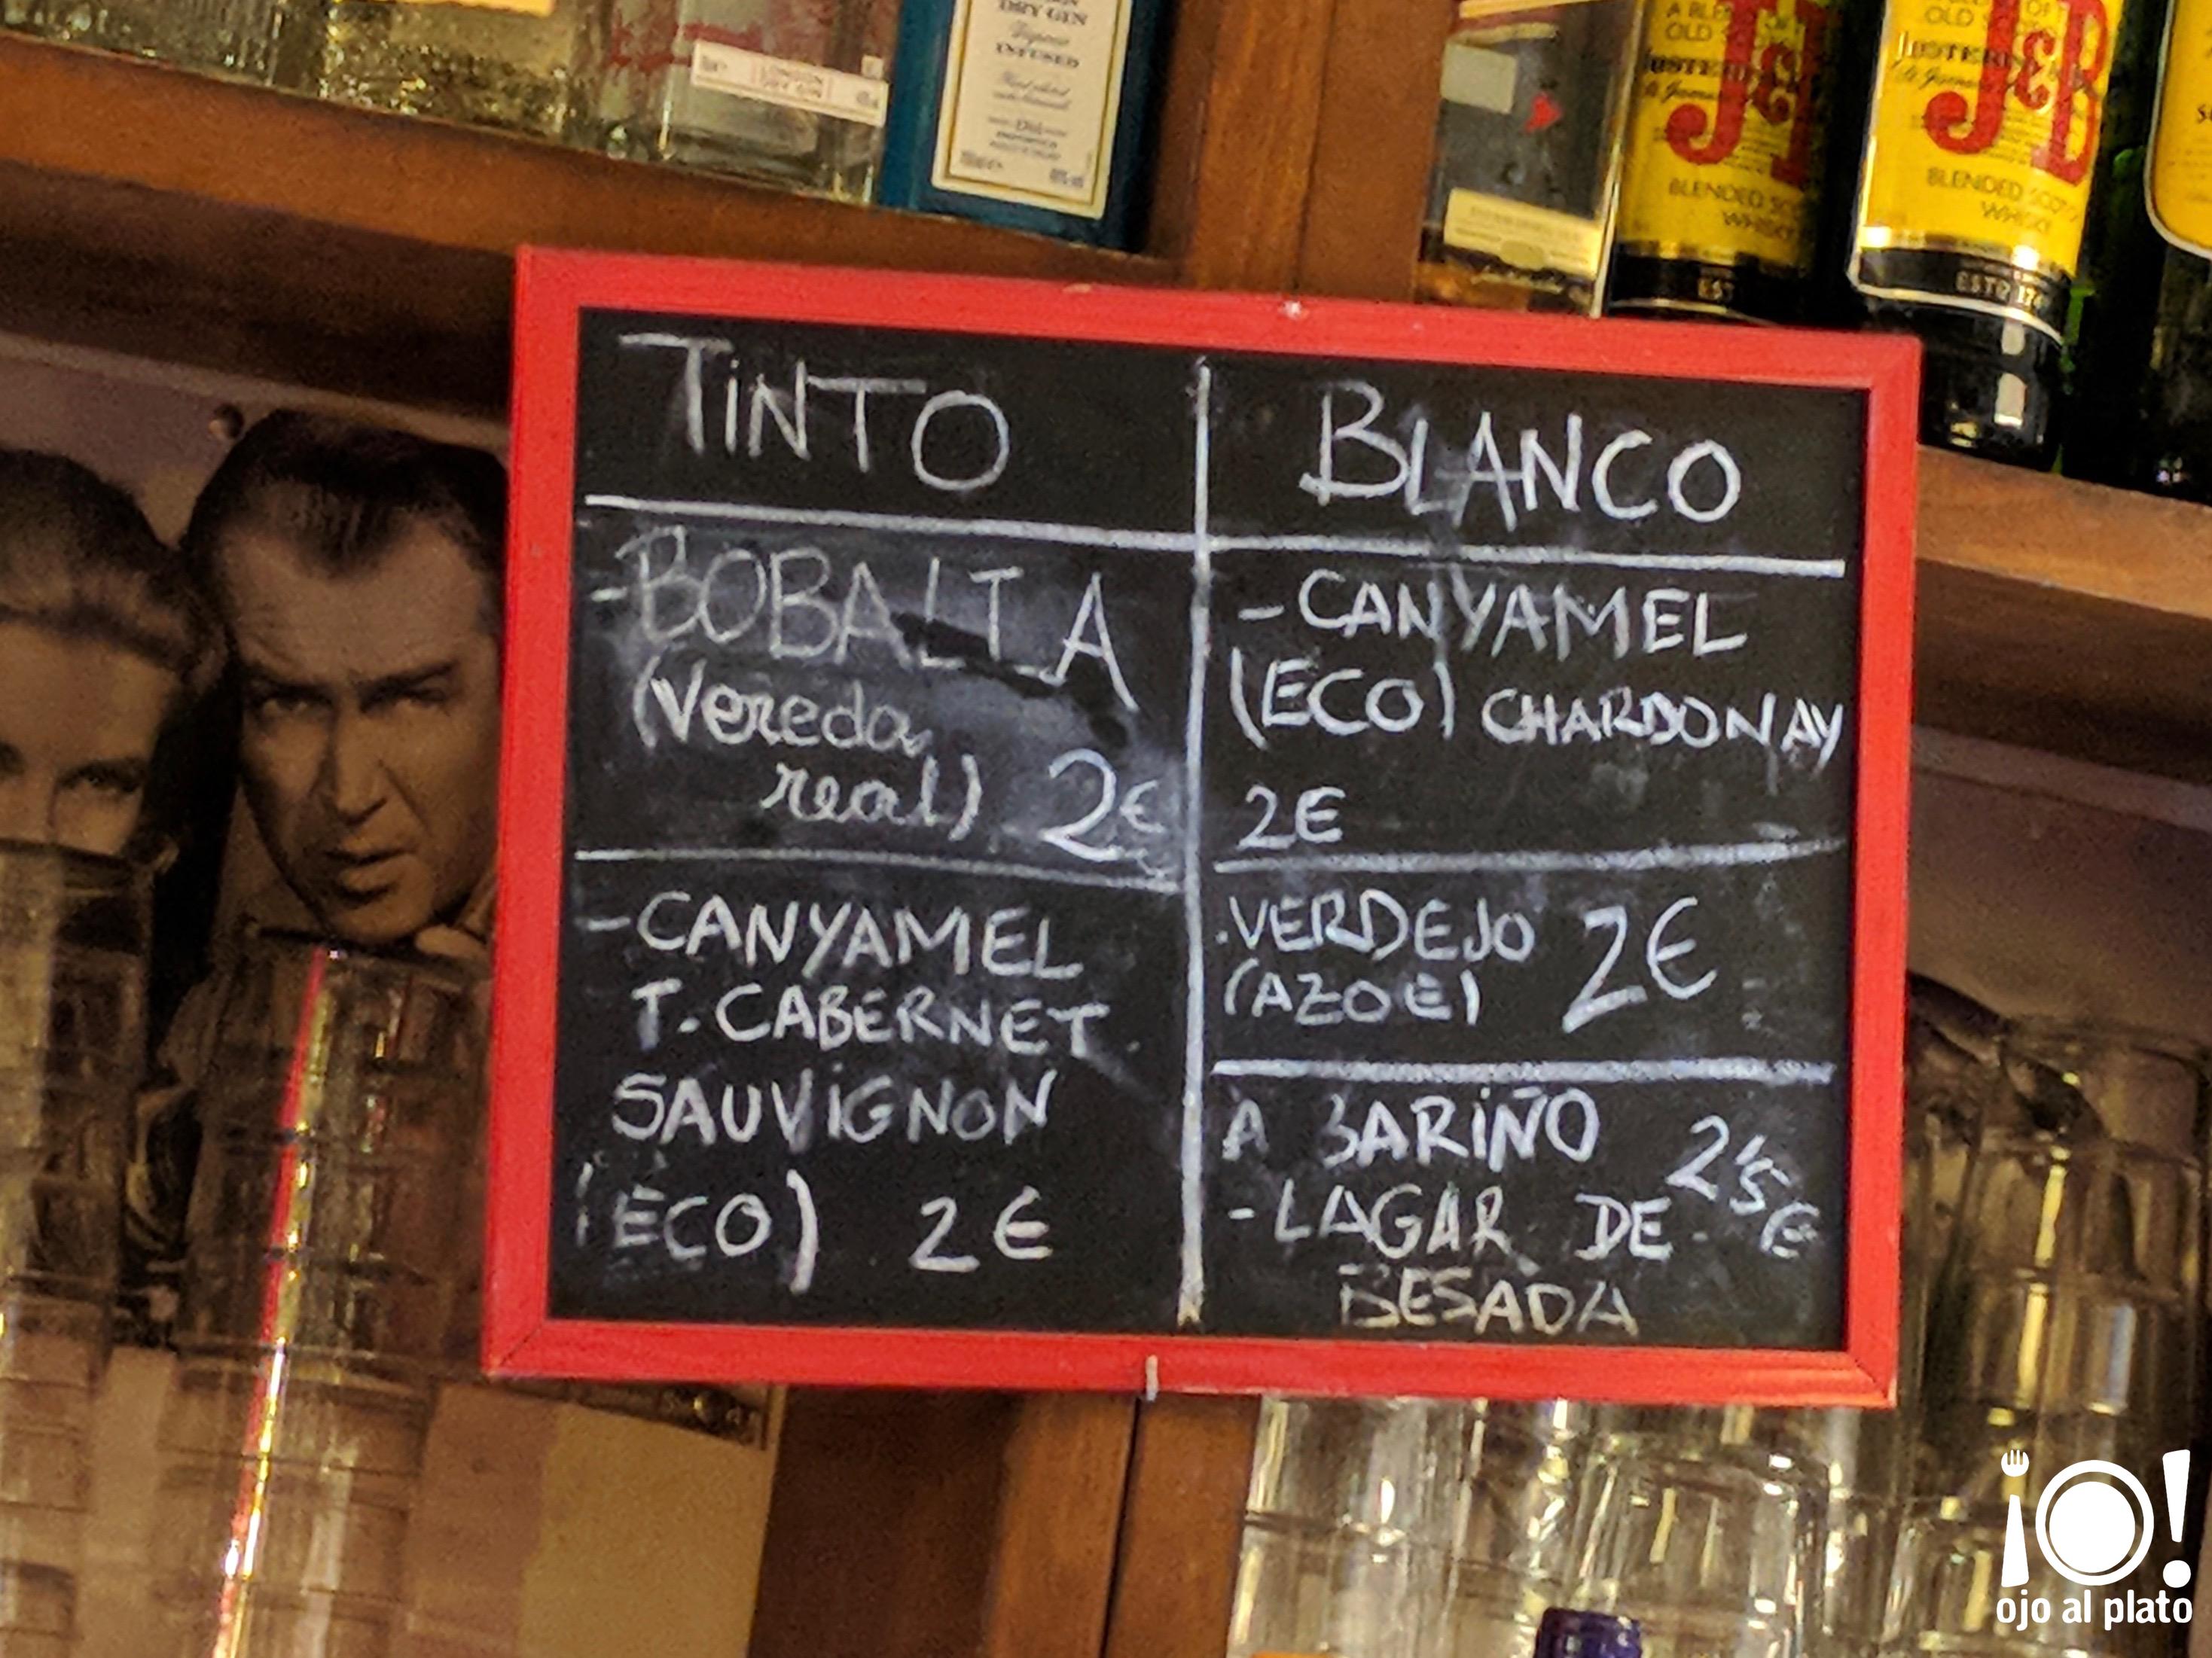 vino_paca